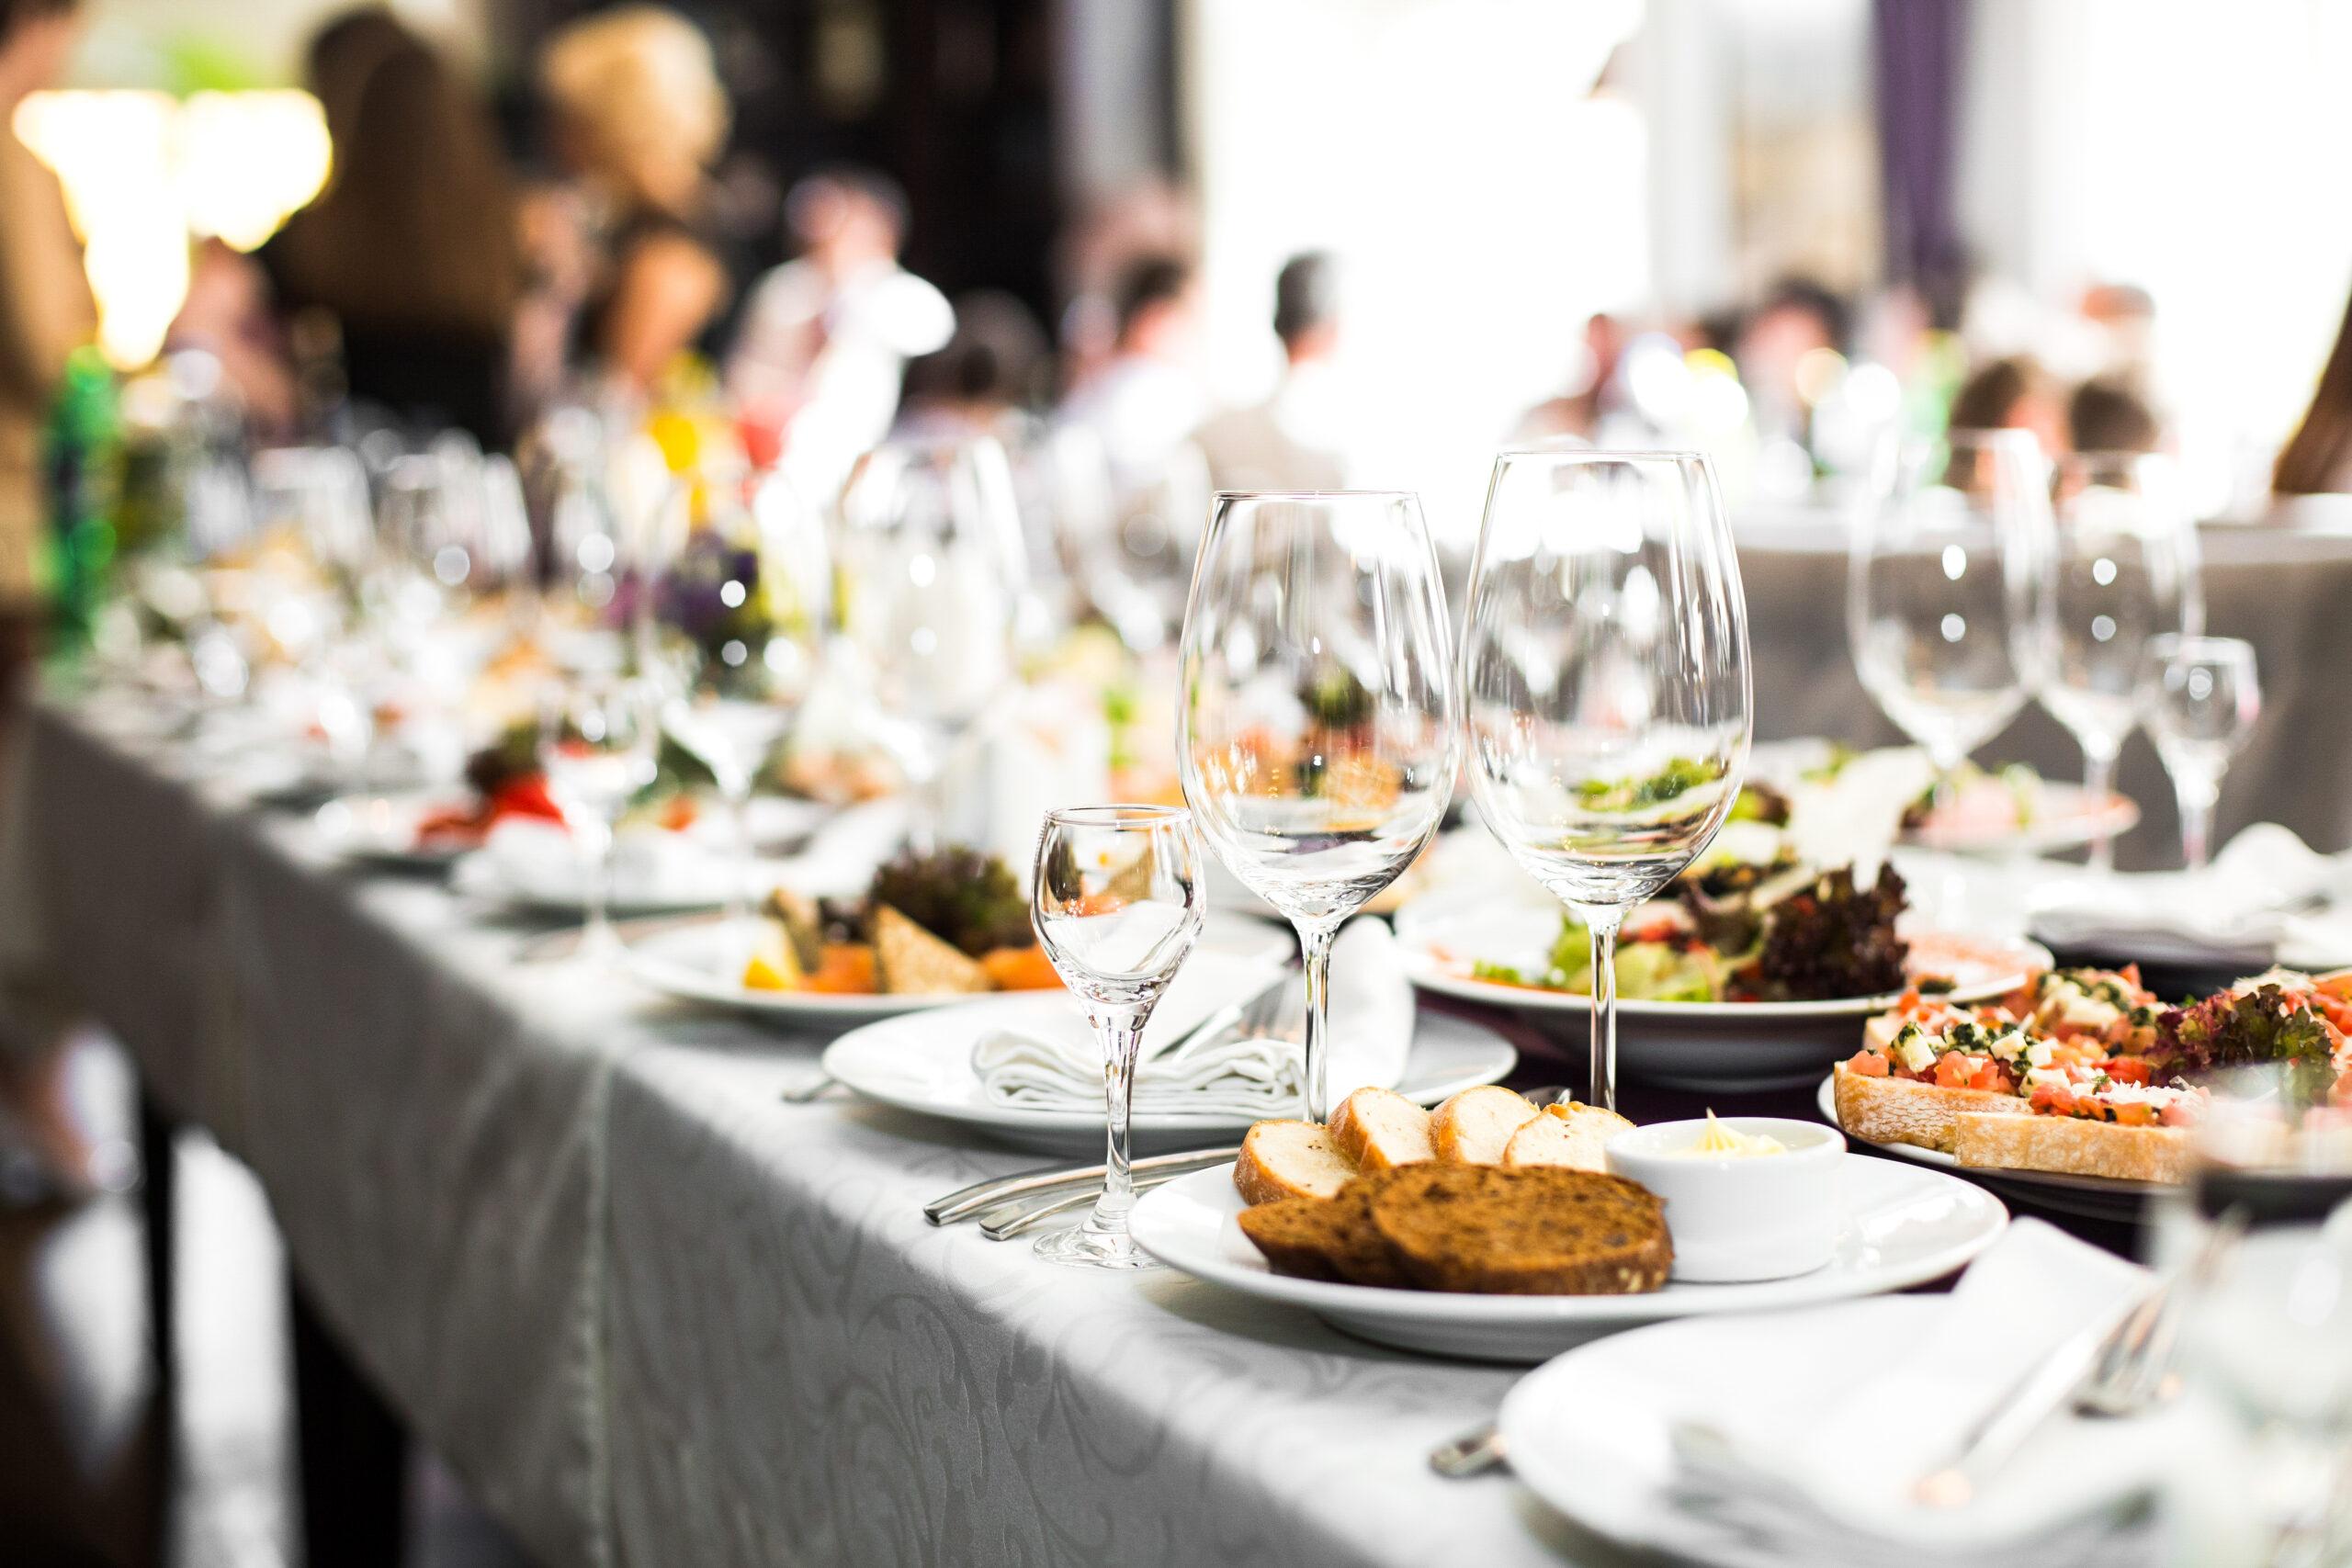 covidtest Online Zertifikat in Restaurants und Gastro